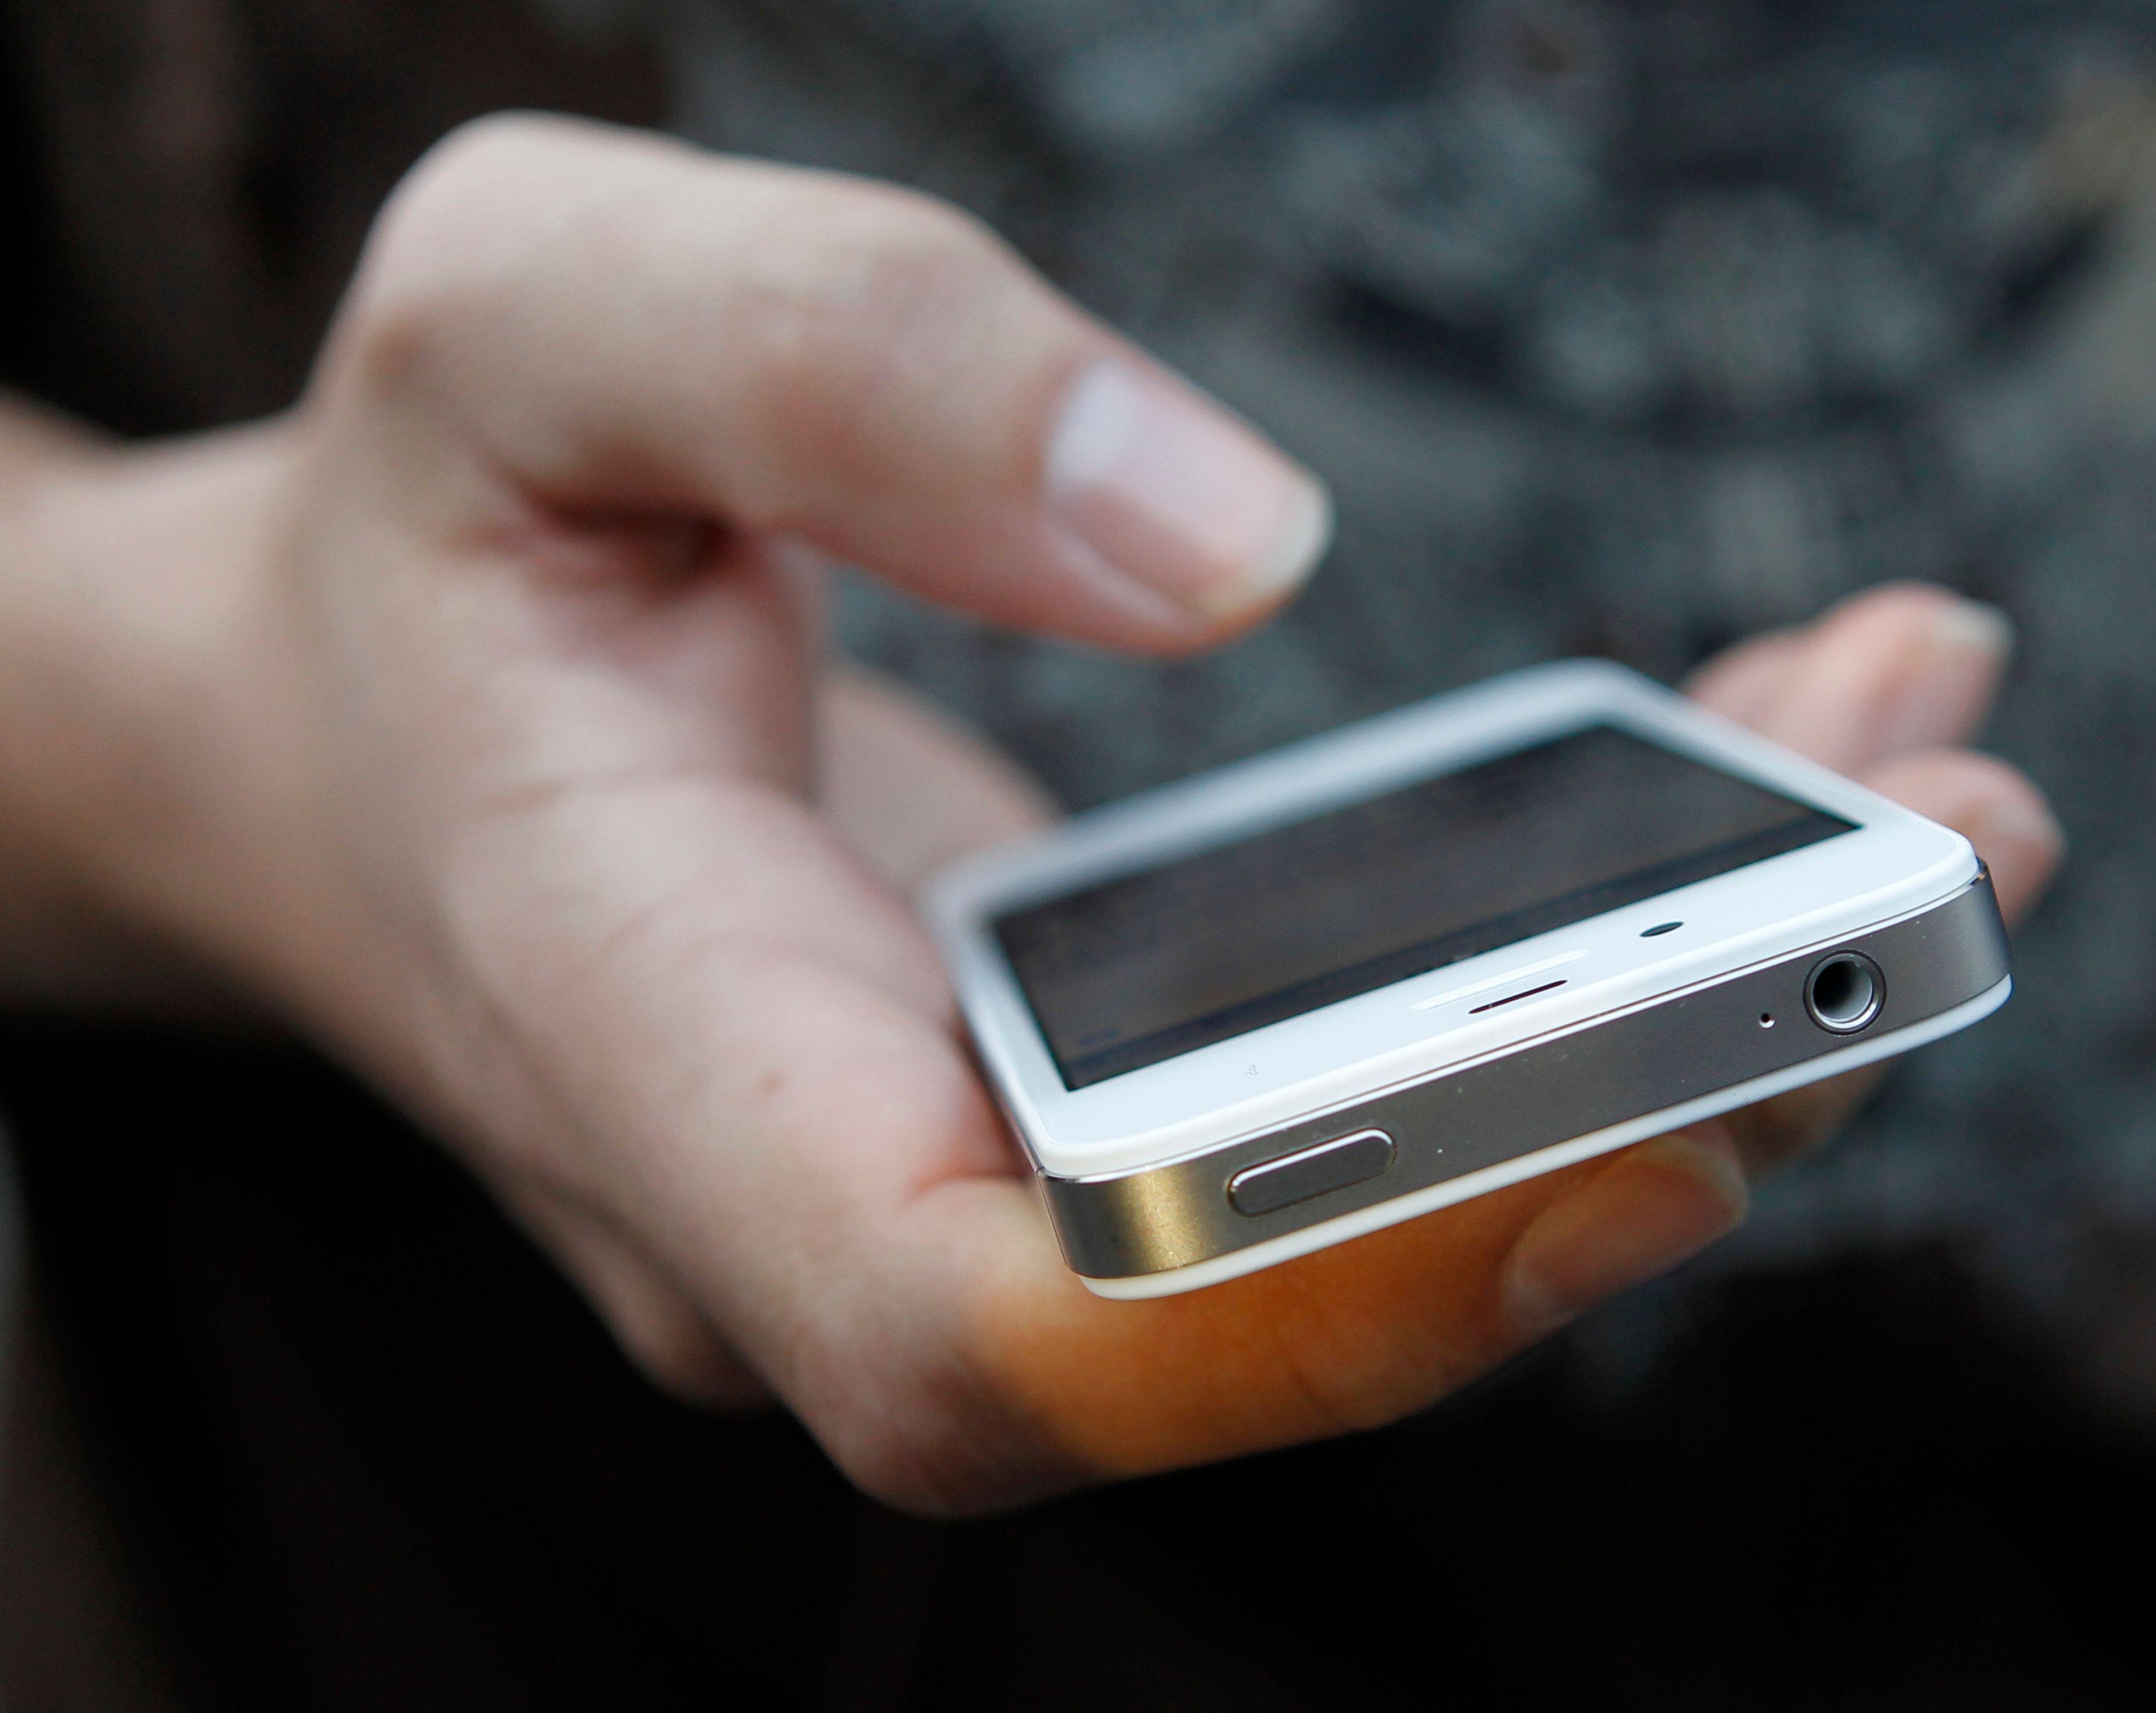 Une application iPhone détecte mieux le cancer de la peau que votre médecin